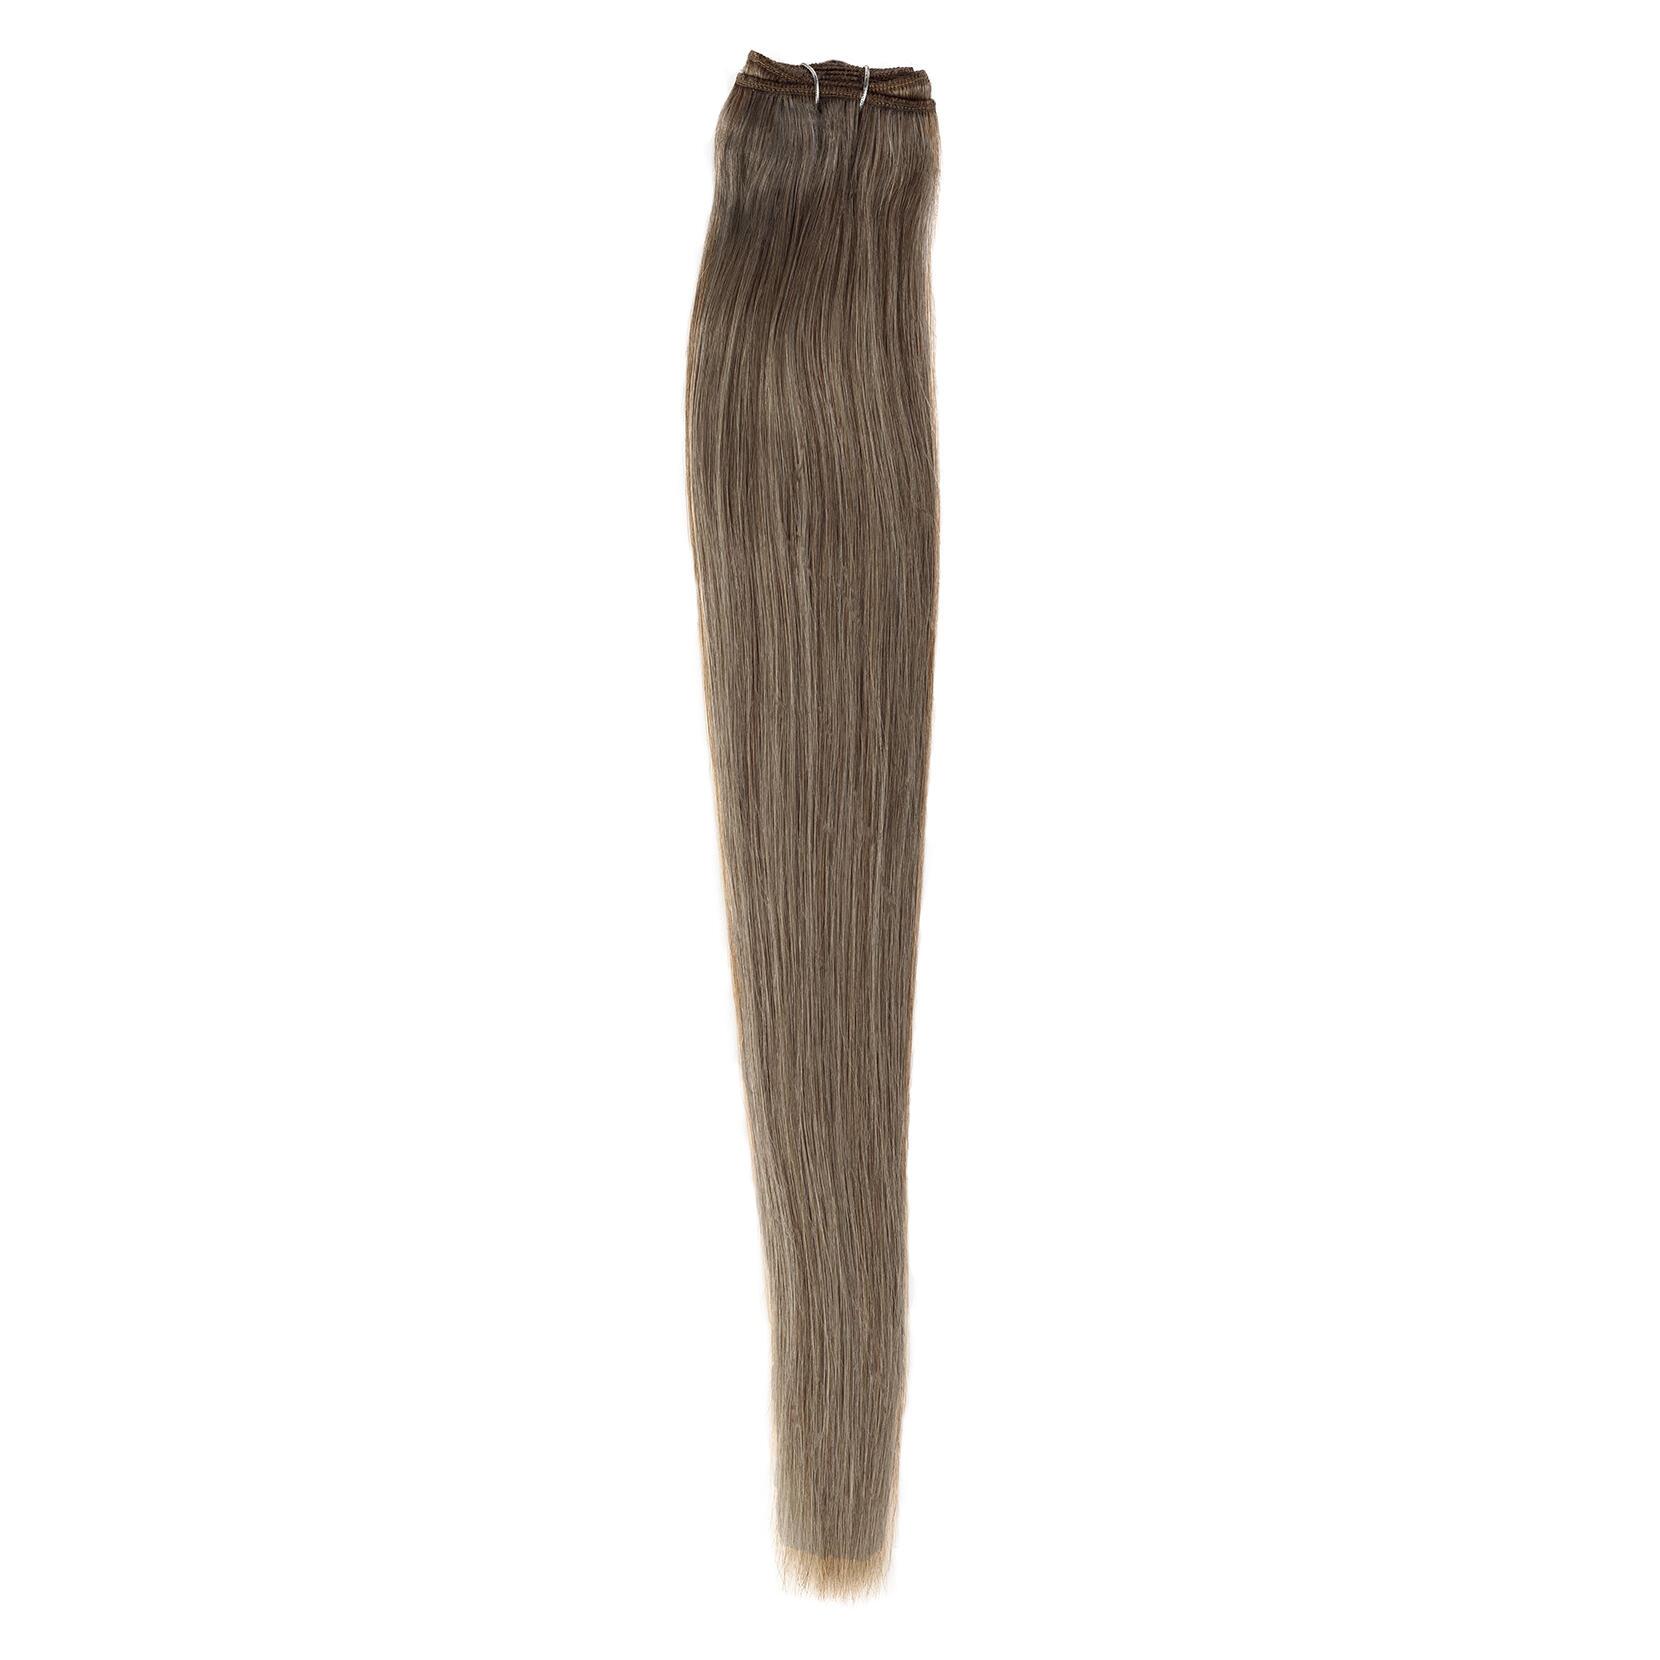 Hair Weft 7.3 Cendre Ash 50 cm